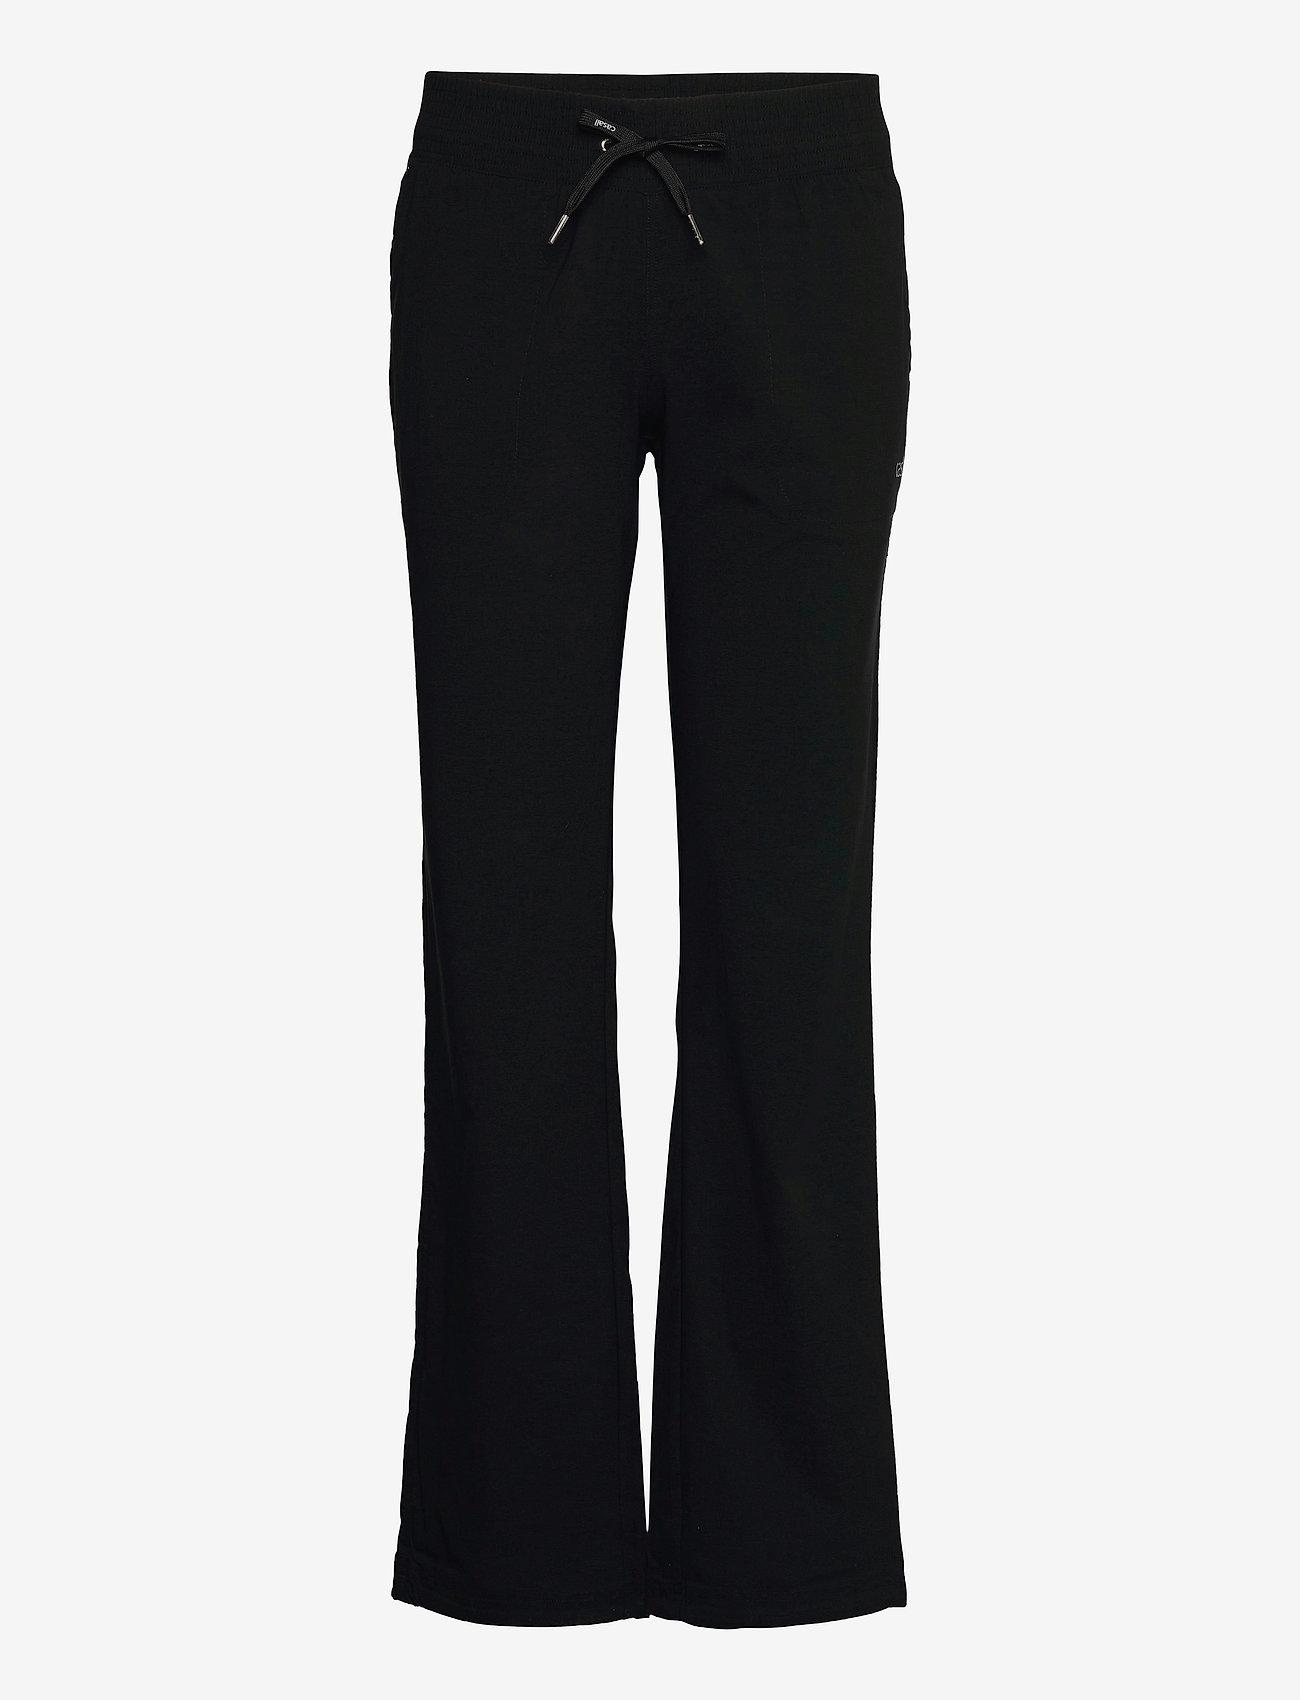 Casall - Essential Flex pants - sportbroeken - black - 0